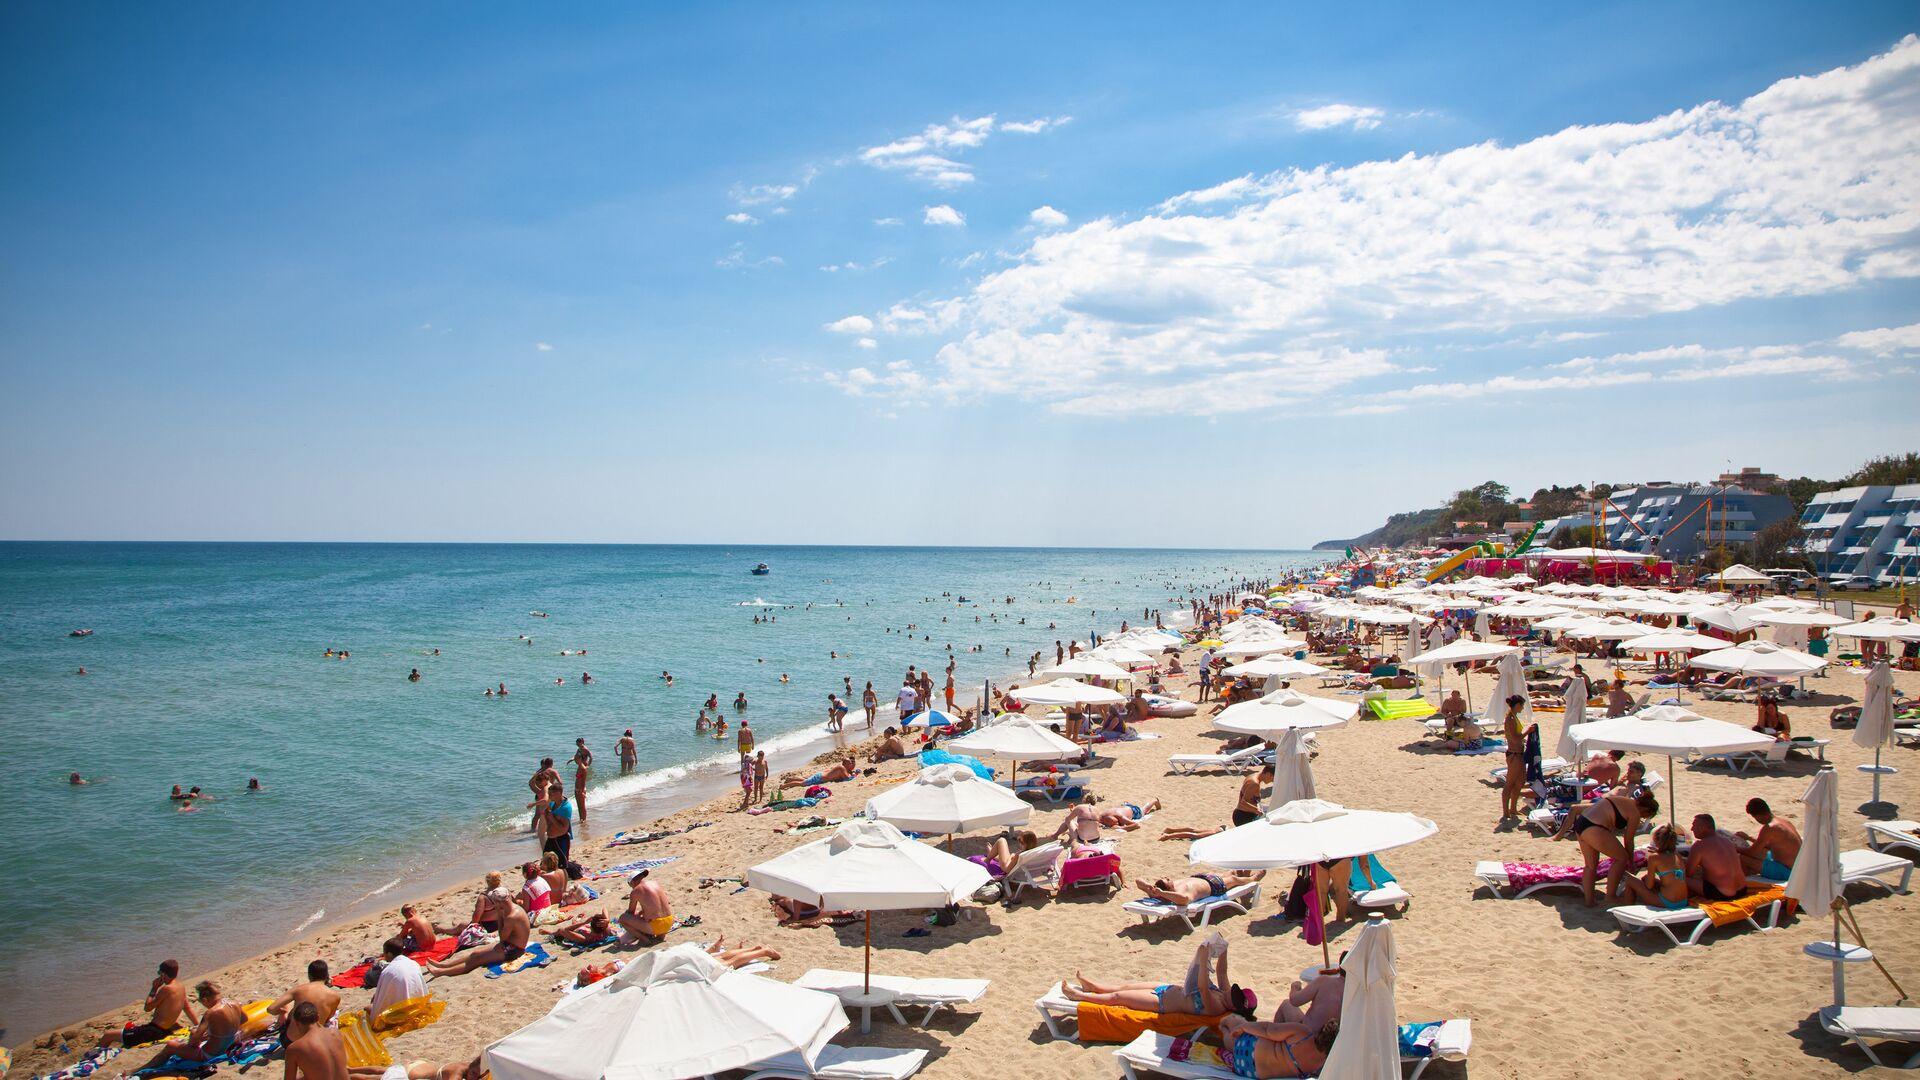 Туристы на пляже на побережье Черного моря в Болгарии - РИА Новости, 1920, 19.07.2021